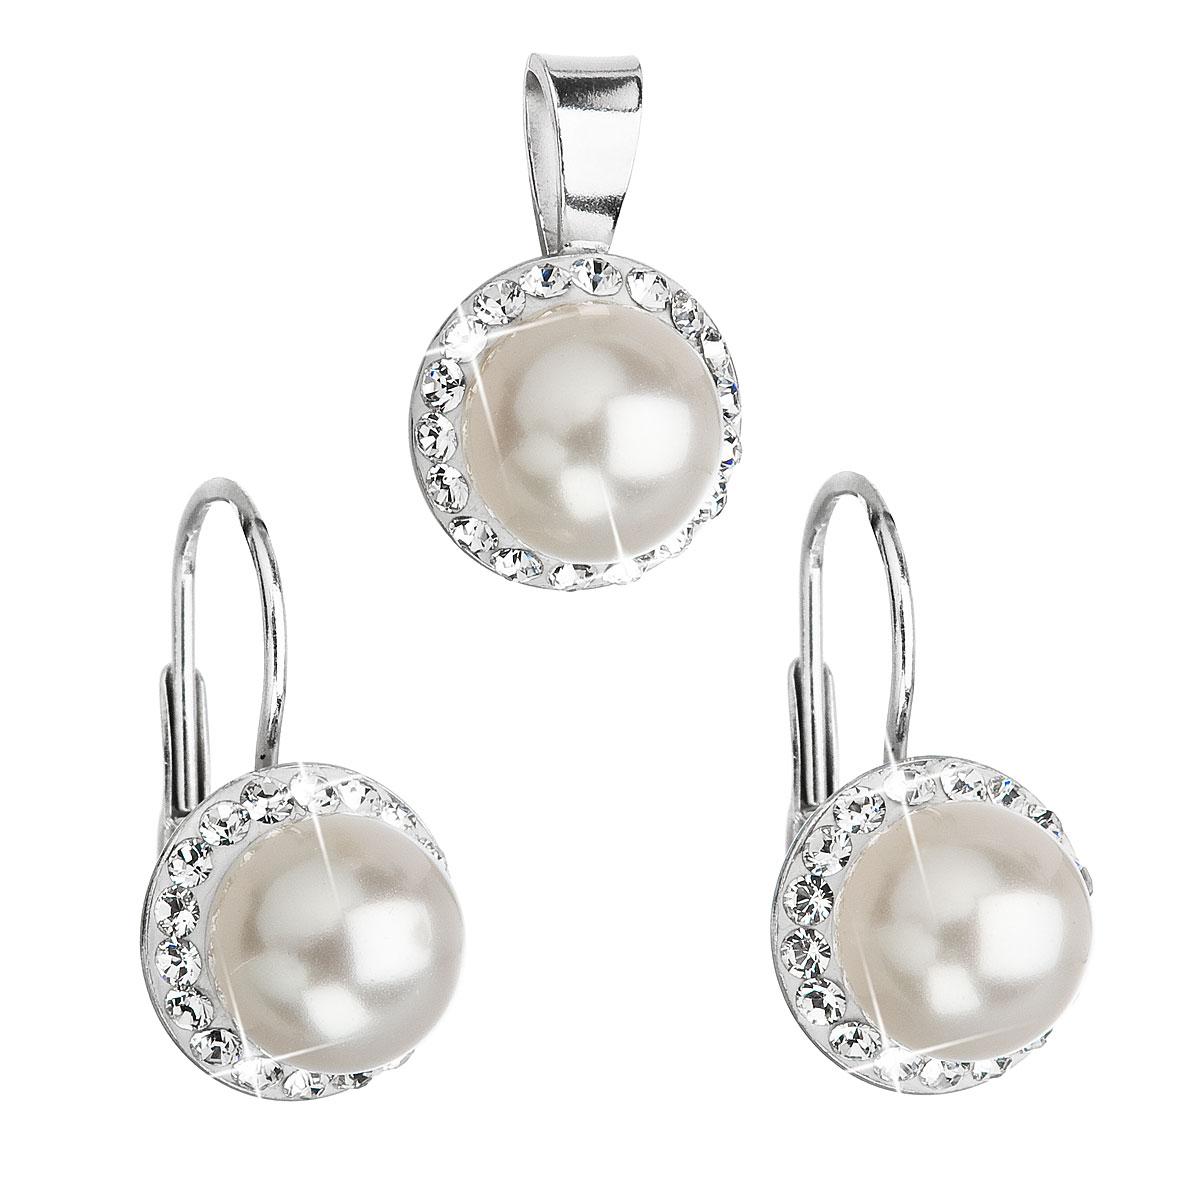 Sada šperkov s krištáľmi Swarovski náušnice a prívesok biela perla okrúhle 39091.1